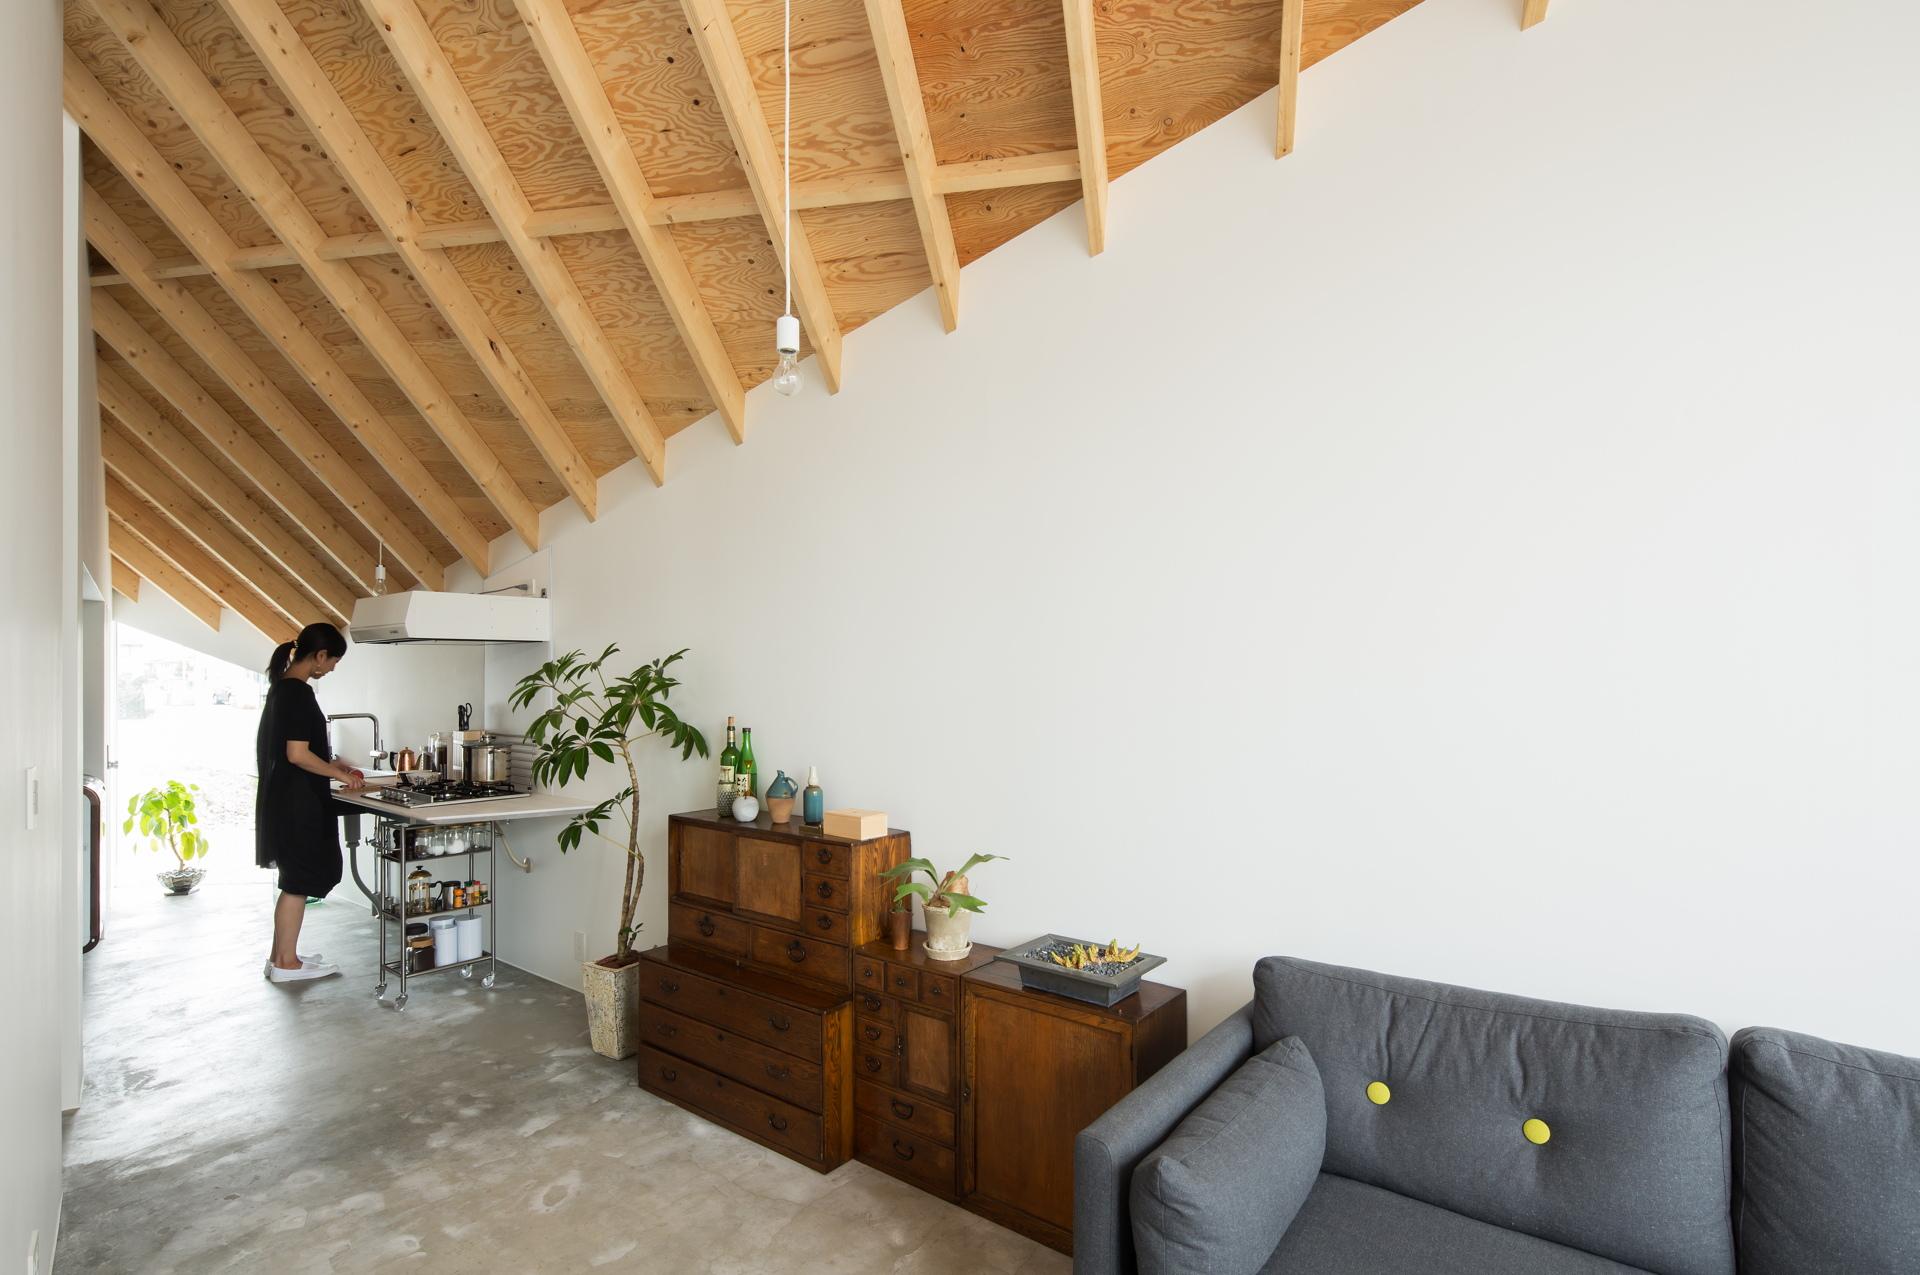 Nhà ở gây thương nhớ với thiết kế lấy cảm hứng từ hình dạng của viên kim cương - Ảnh 4.